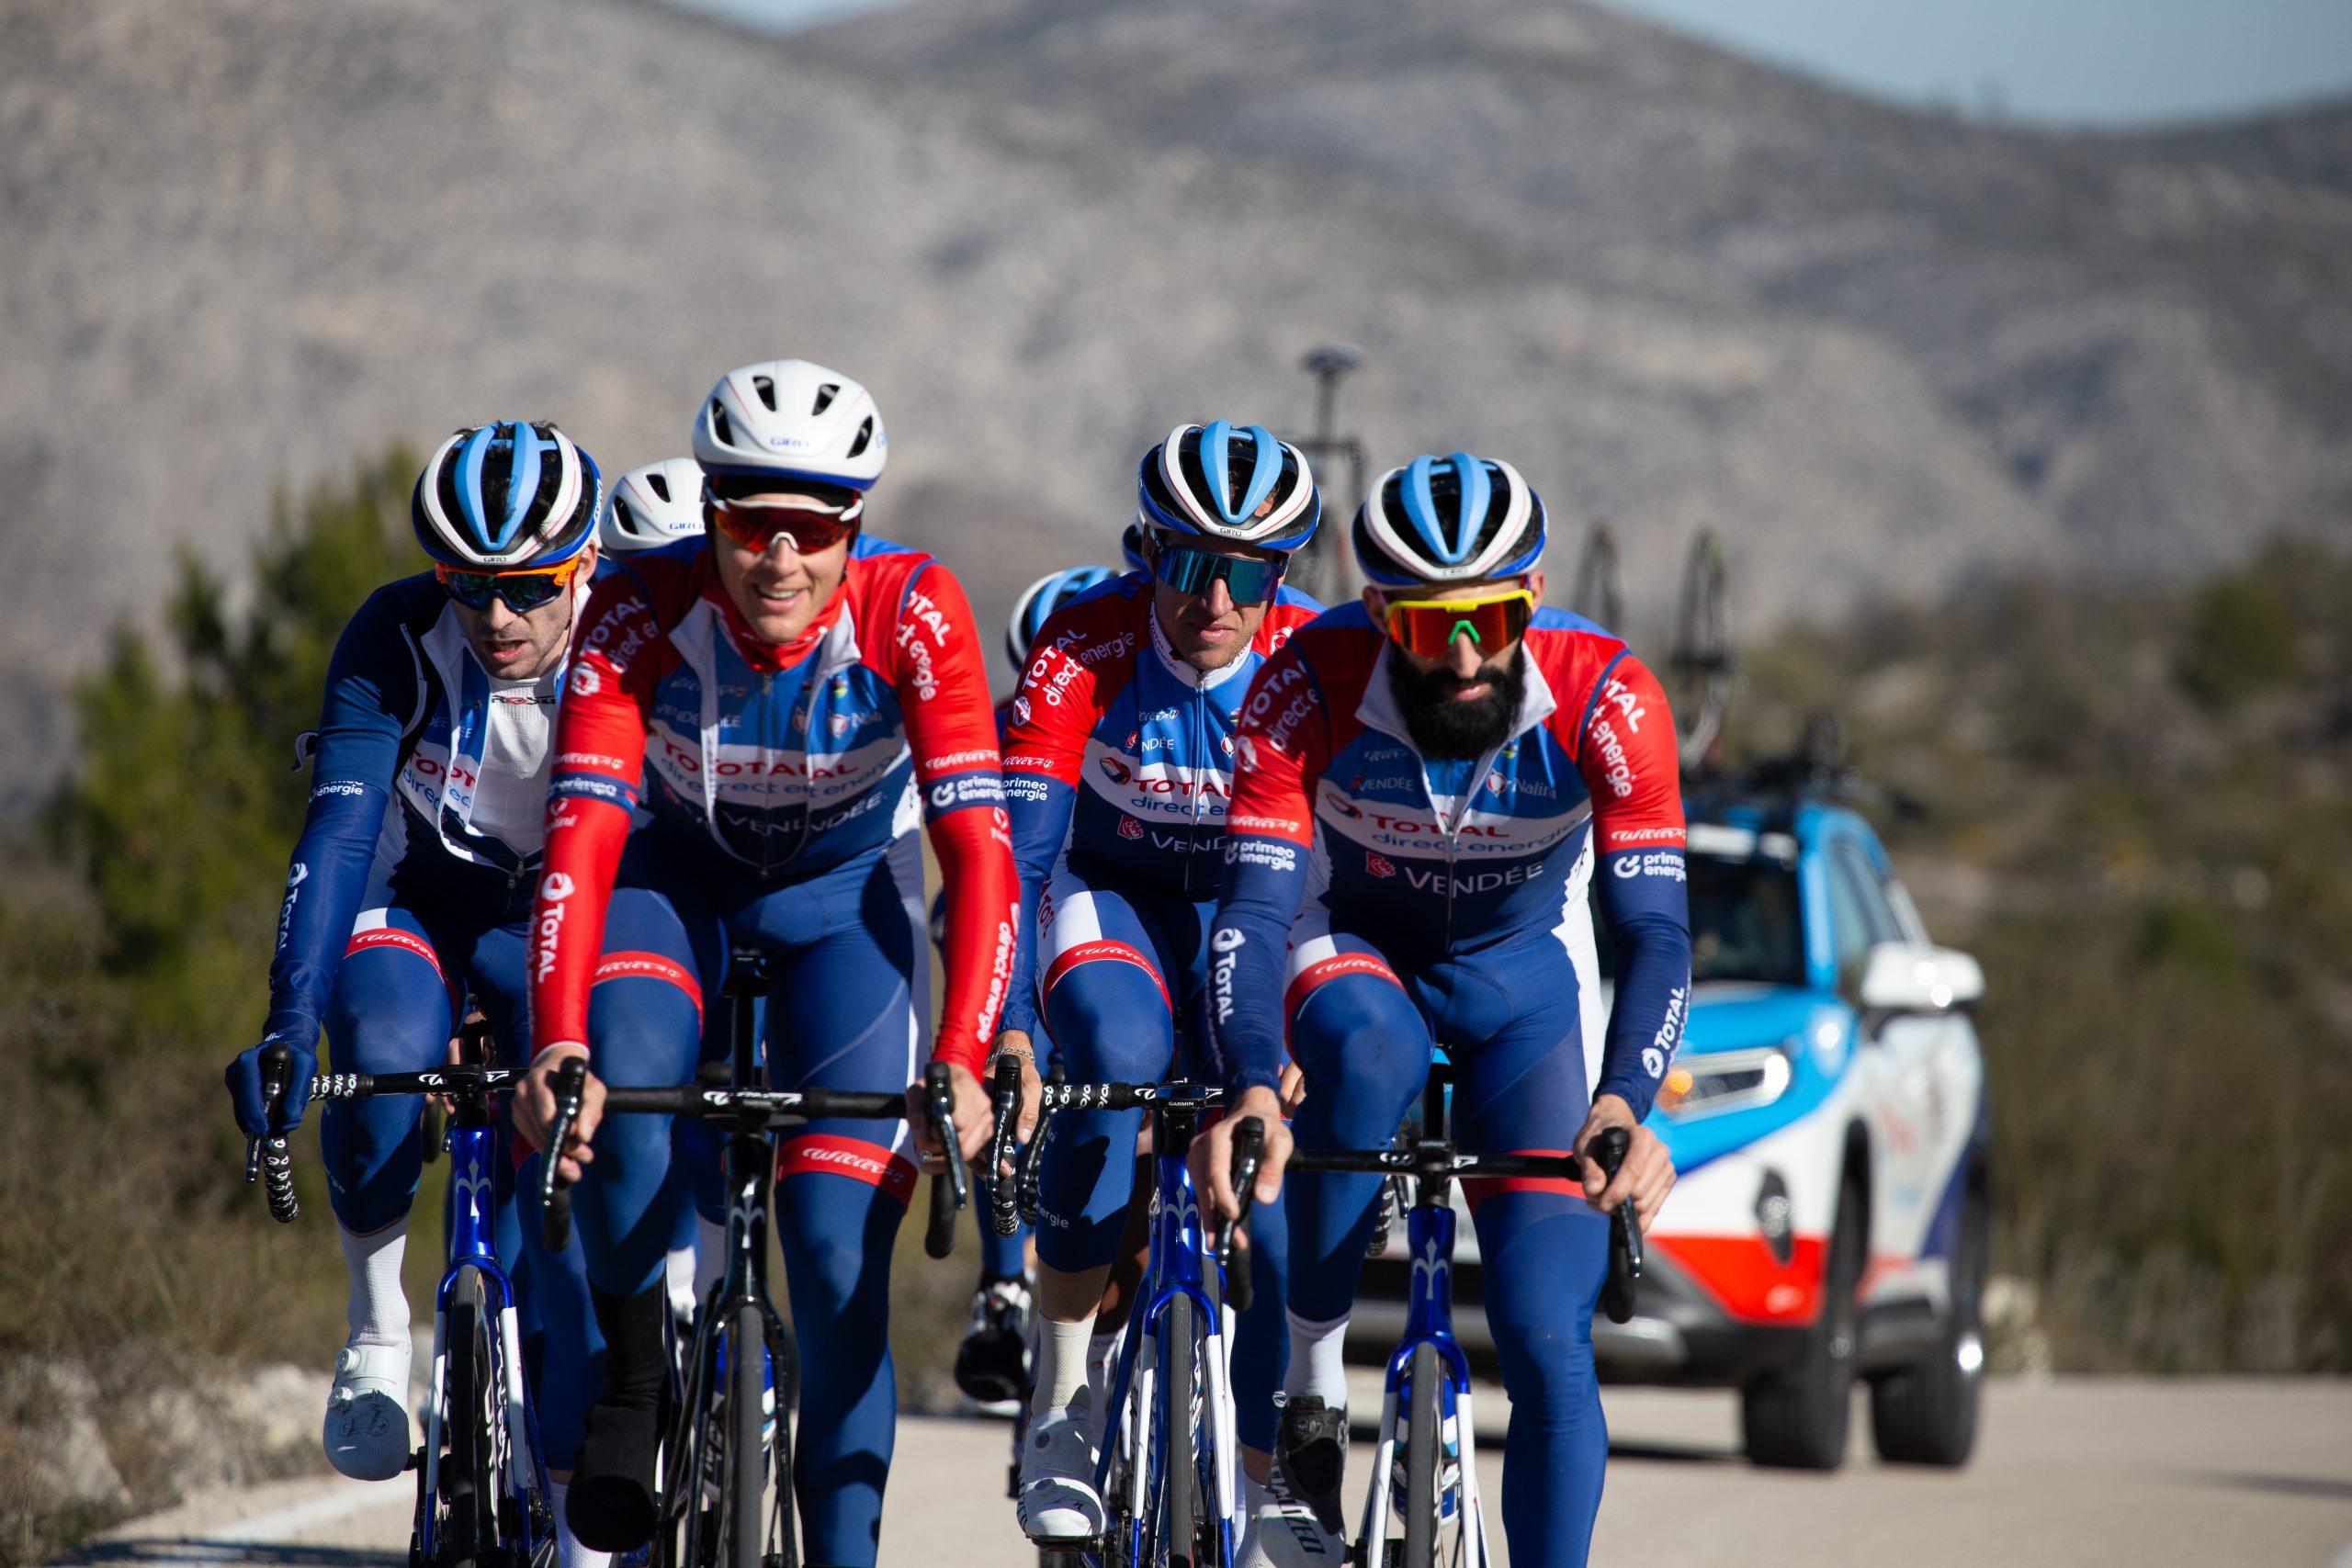 Le Team sera en stage du 15 au 20 février